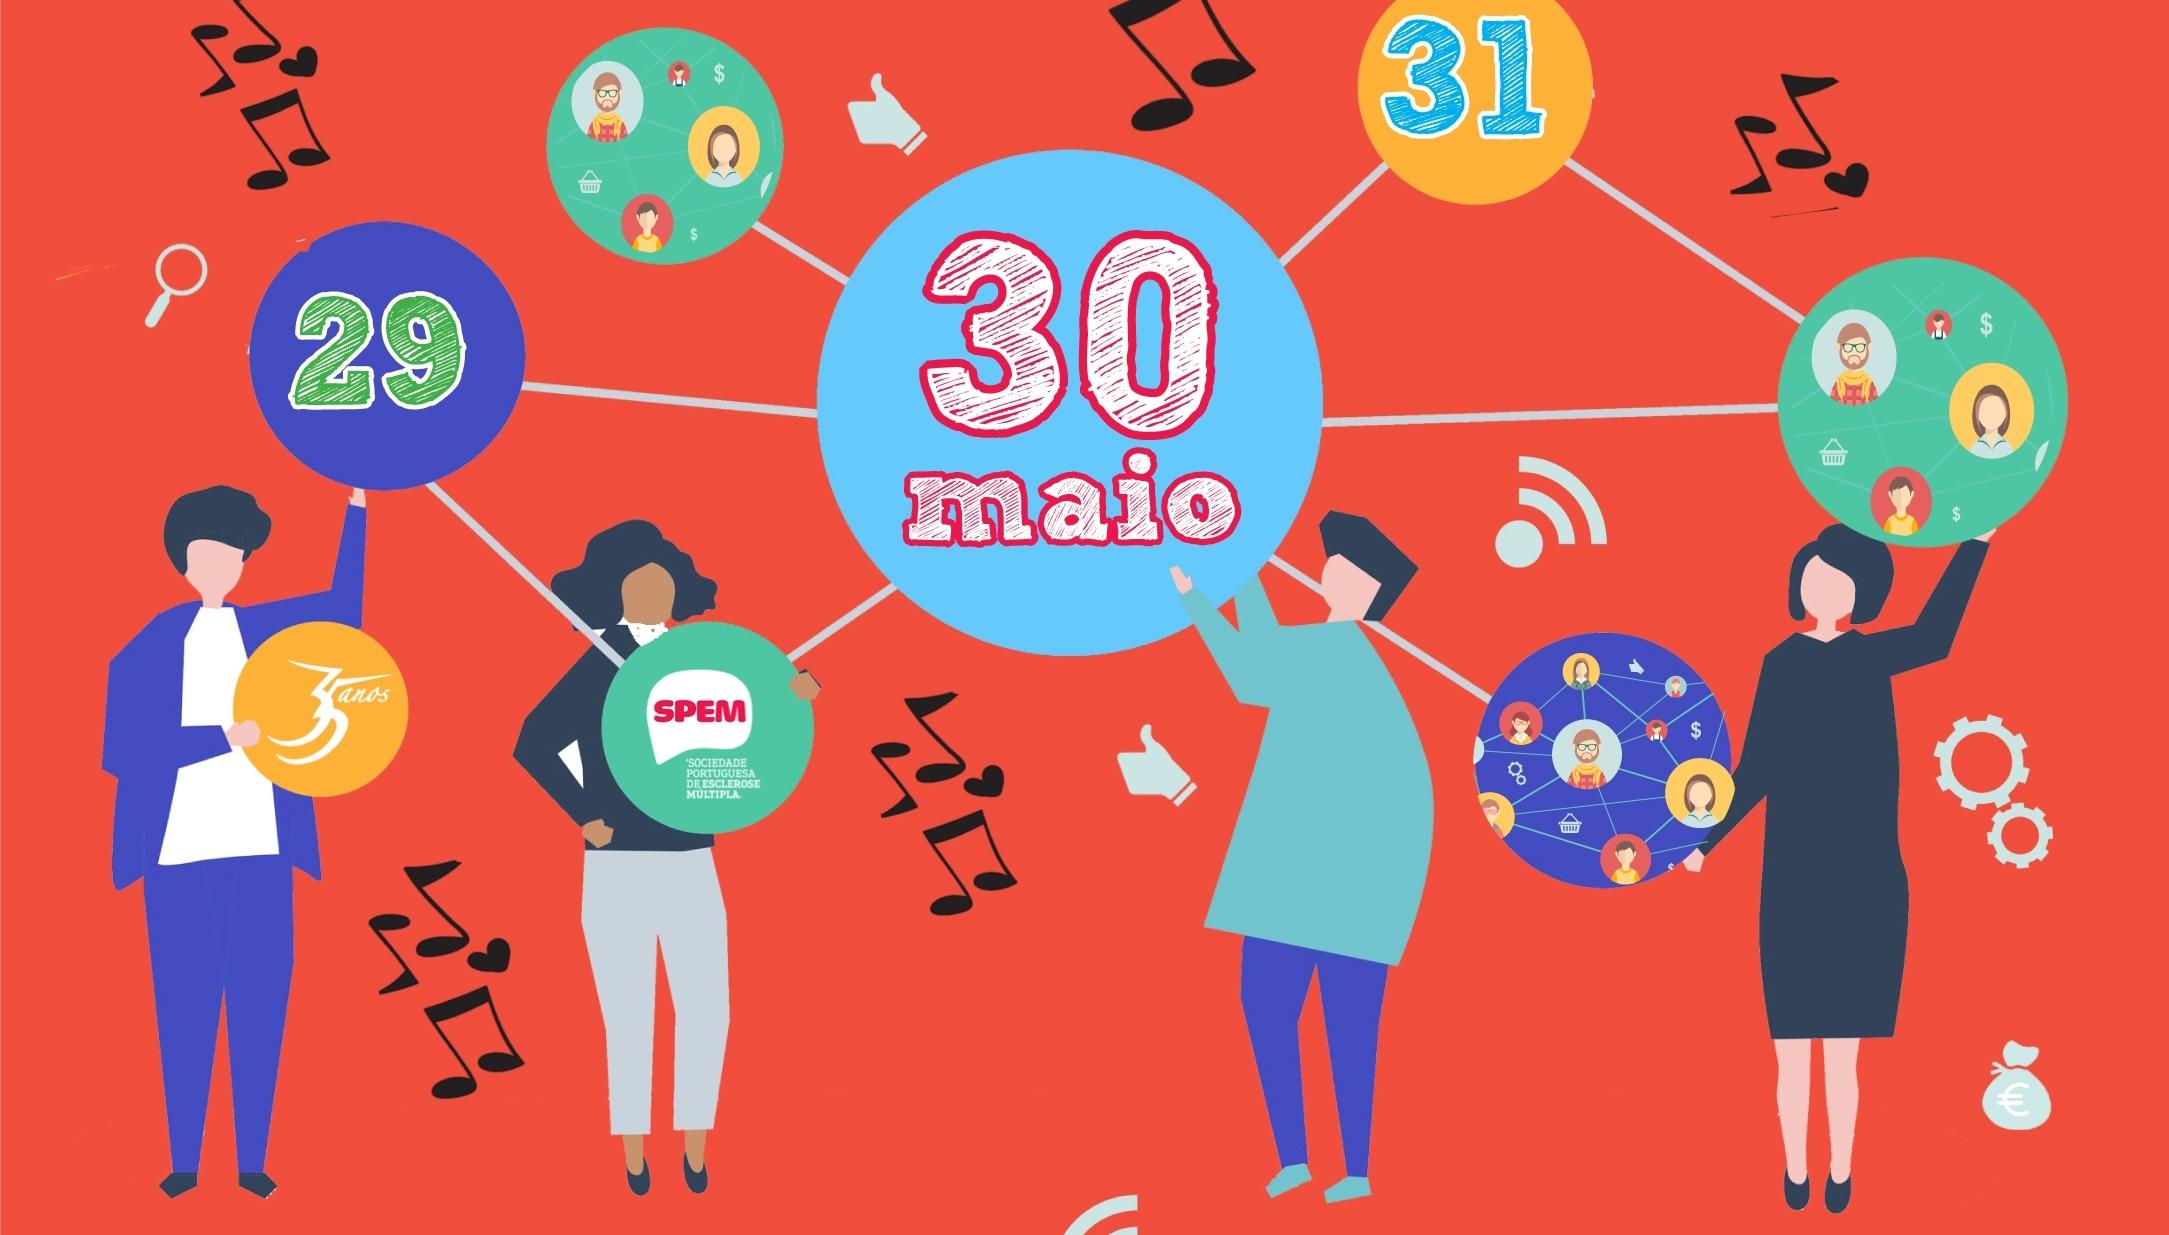 Celebrações do Dia Mundial da Esclerose Múltipla 2020